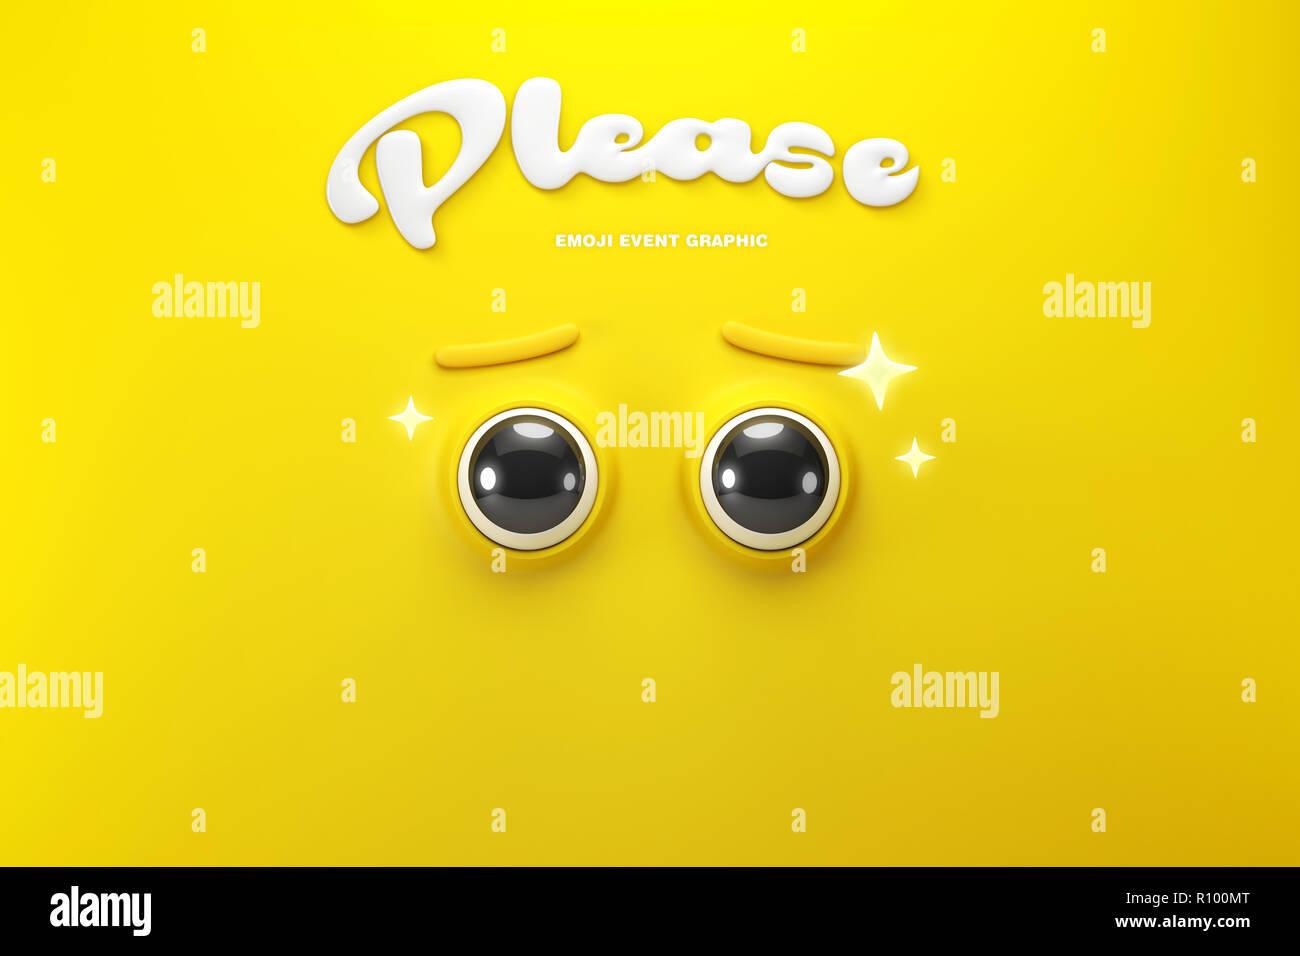 Emoji event 007 - Stock Image